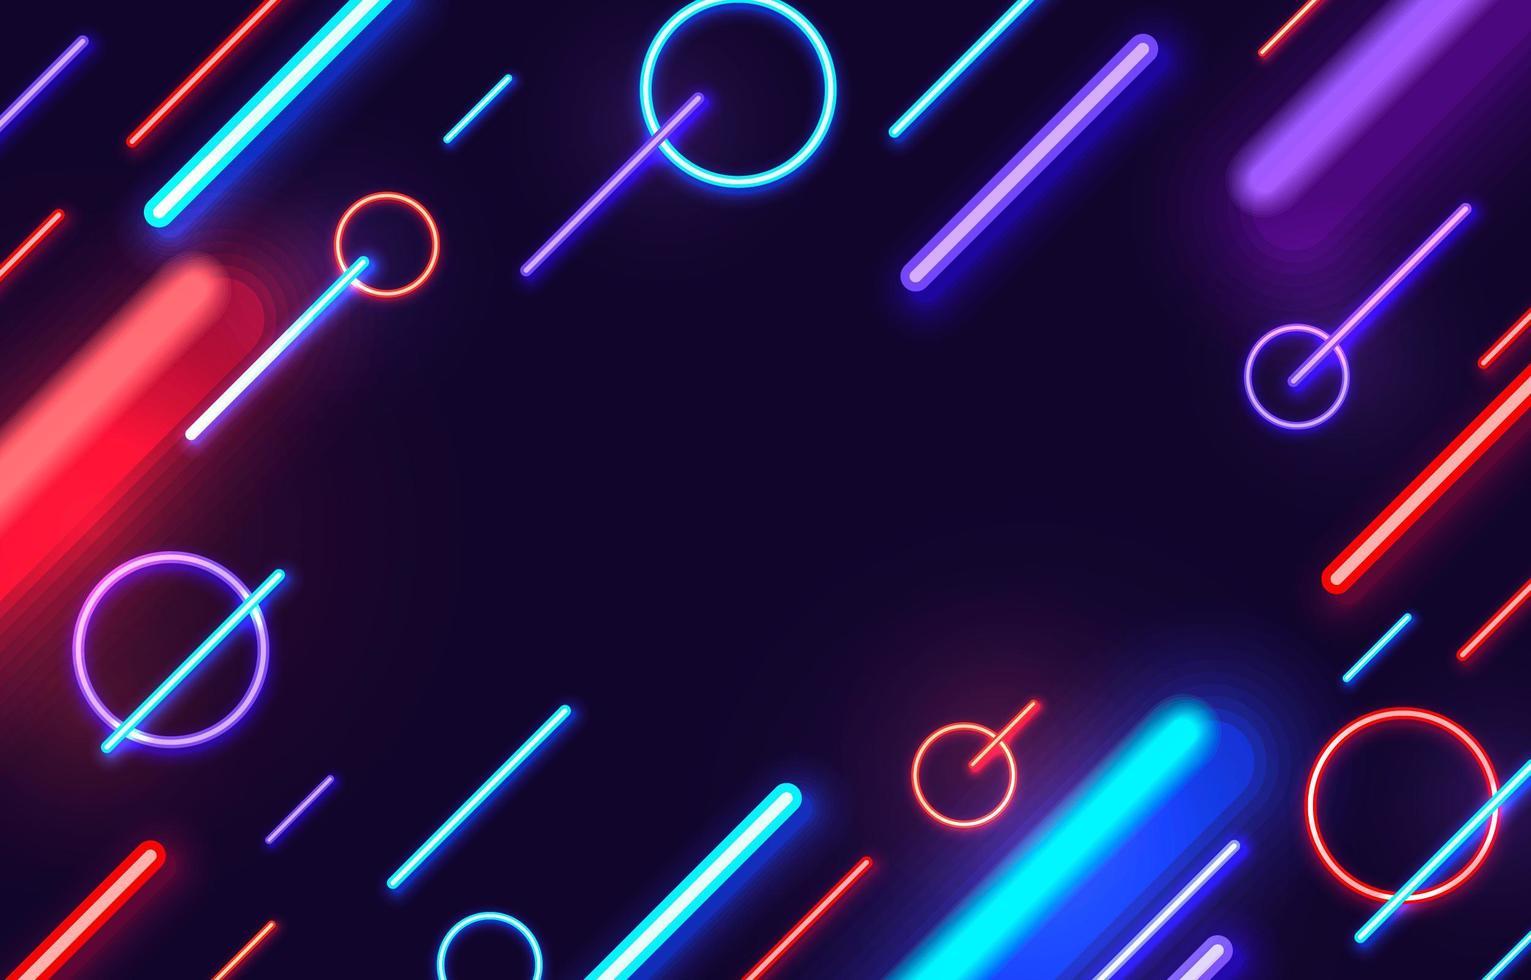 abstracte neon met zwarte achtergrond vector